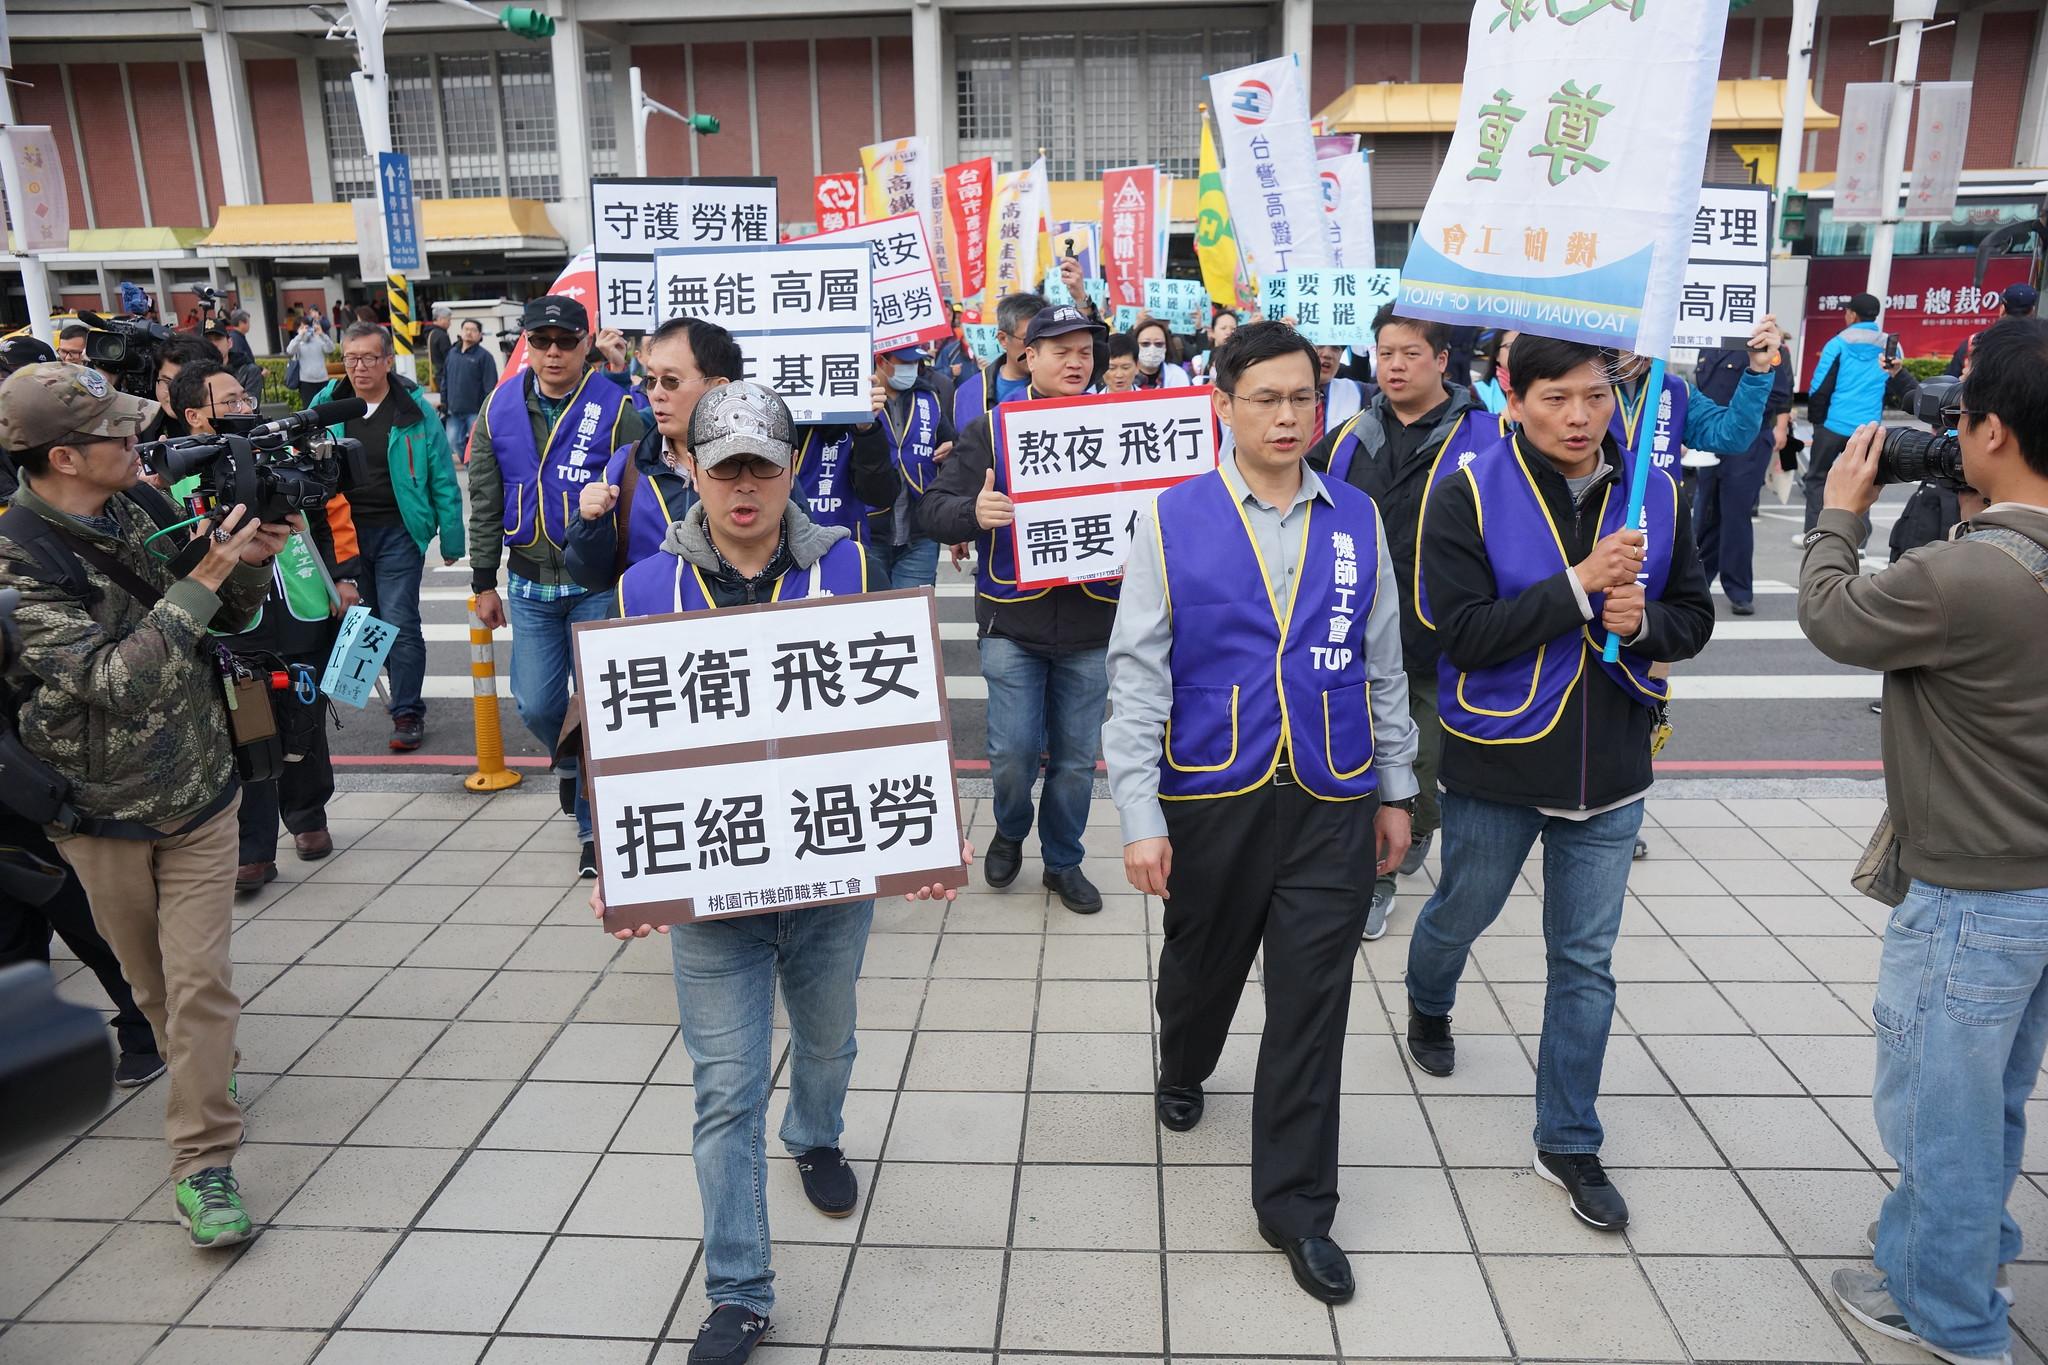 機師工會與聲援工會從松山機場前遊行至民航局。(攝影:王顥中)